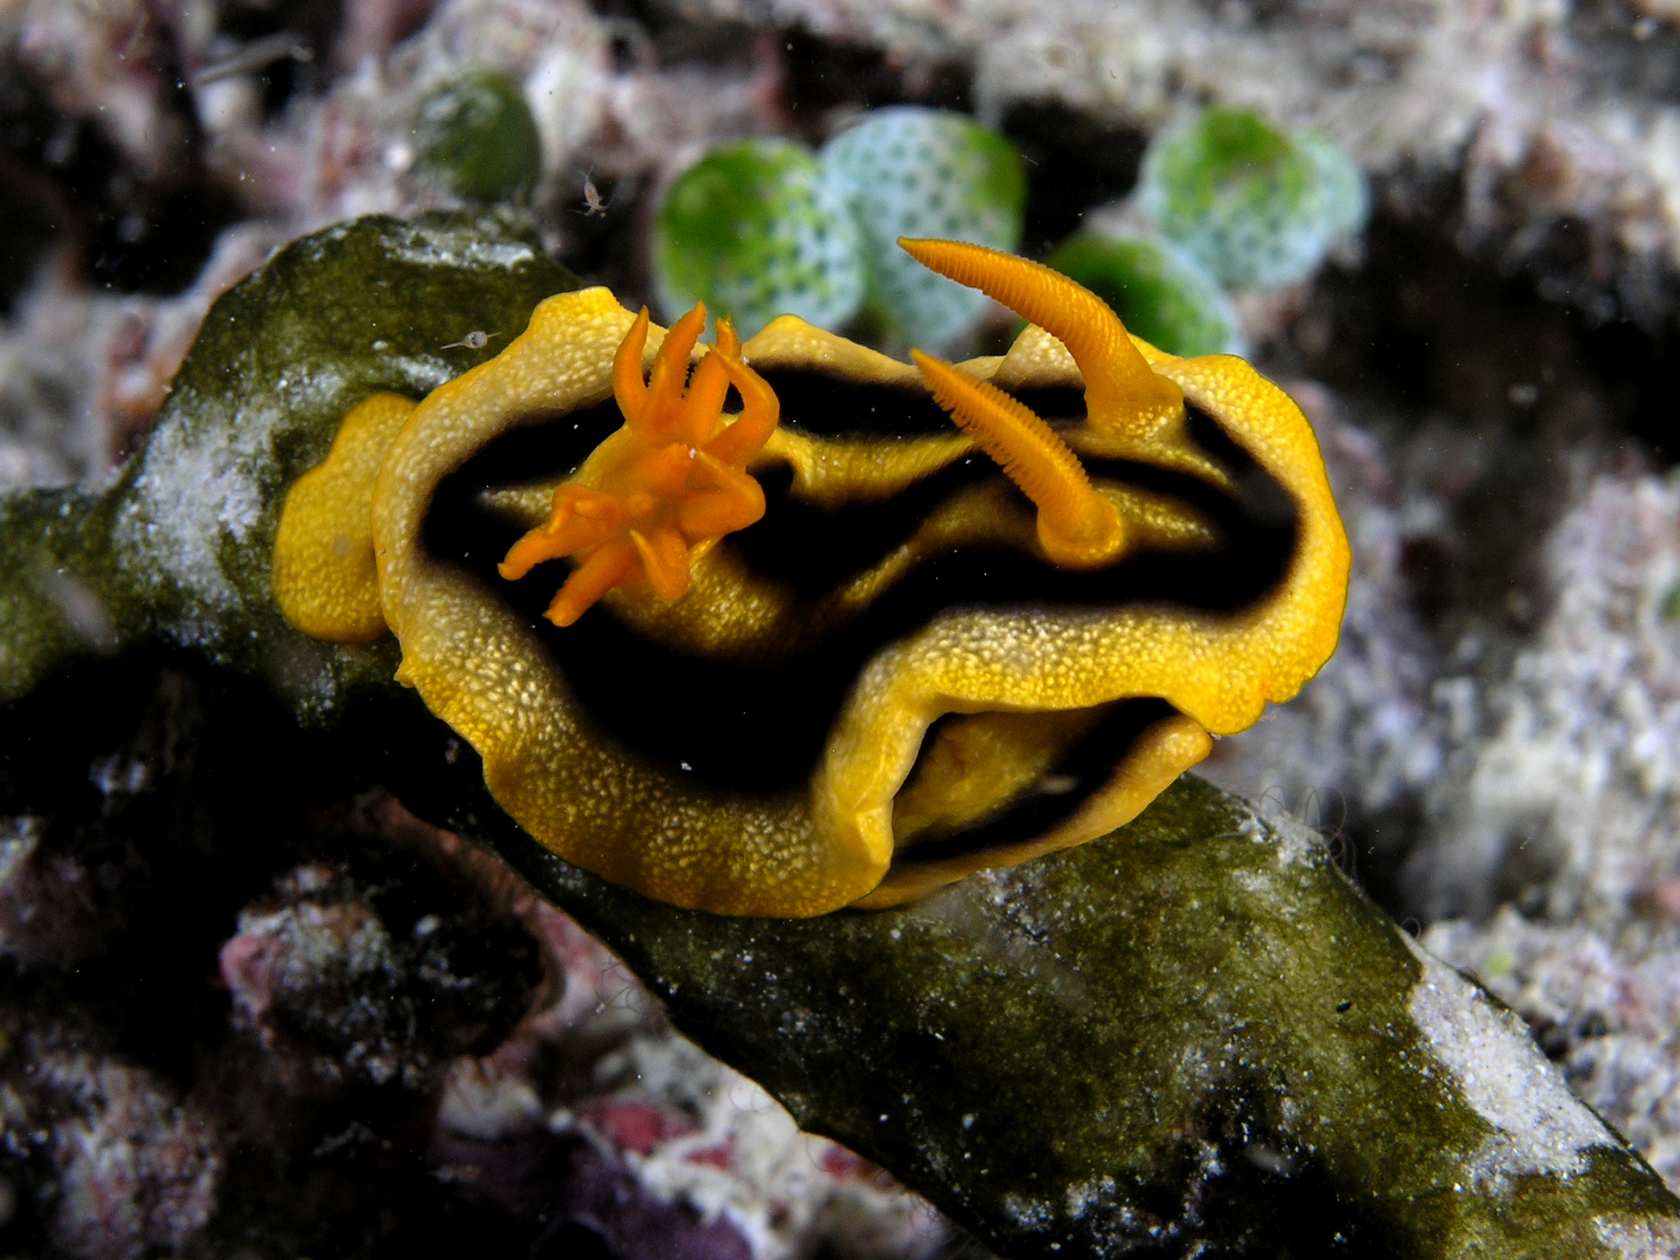 portal marine life chromodoris nudibranch komodo jpg